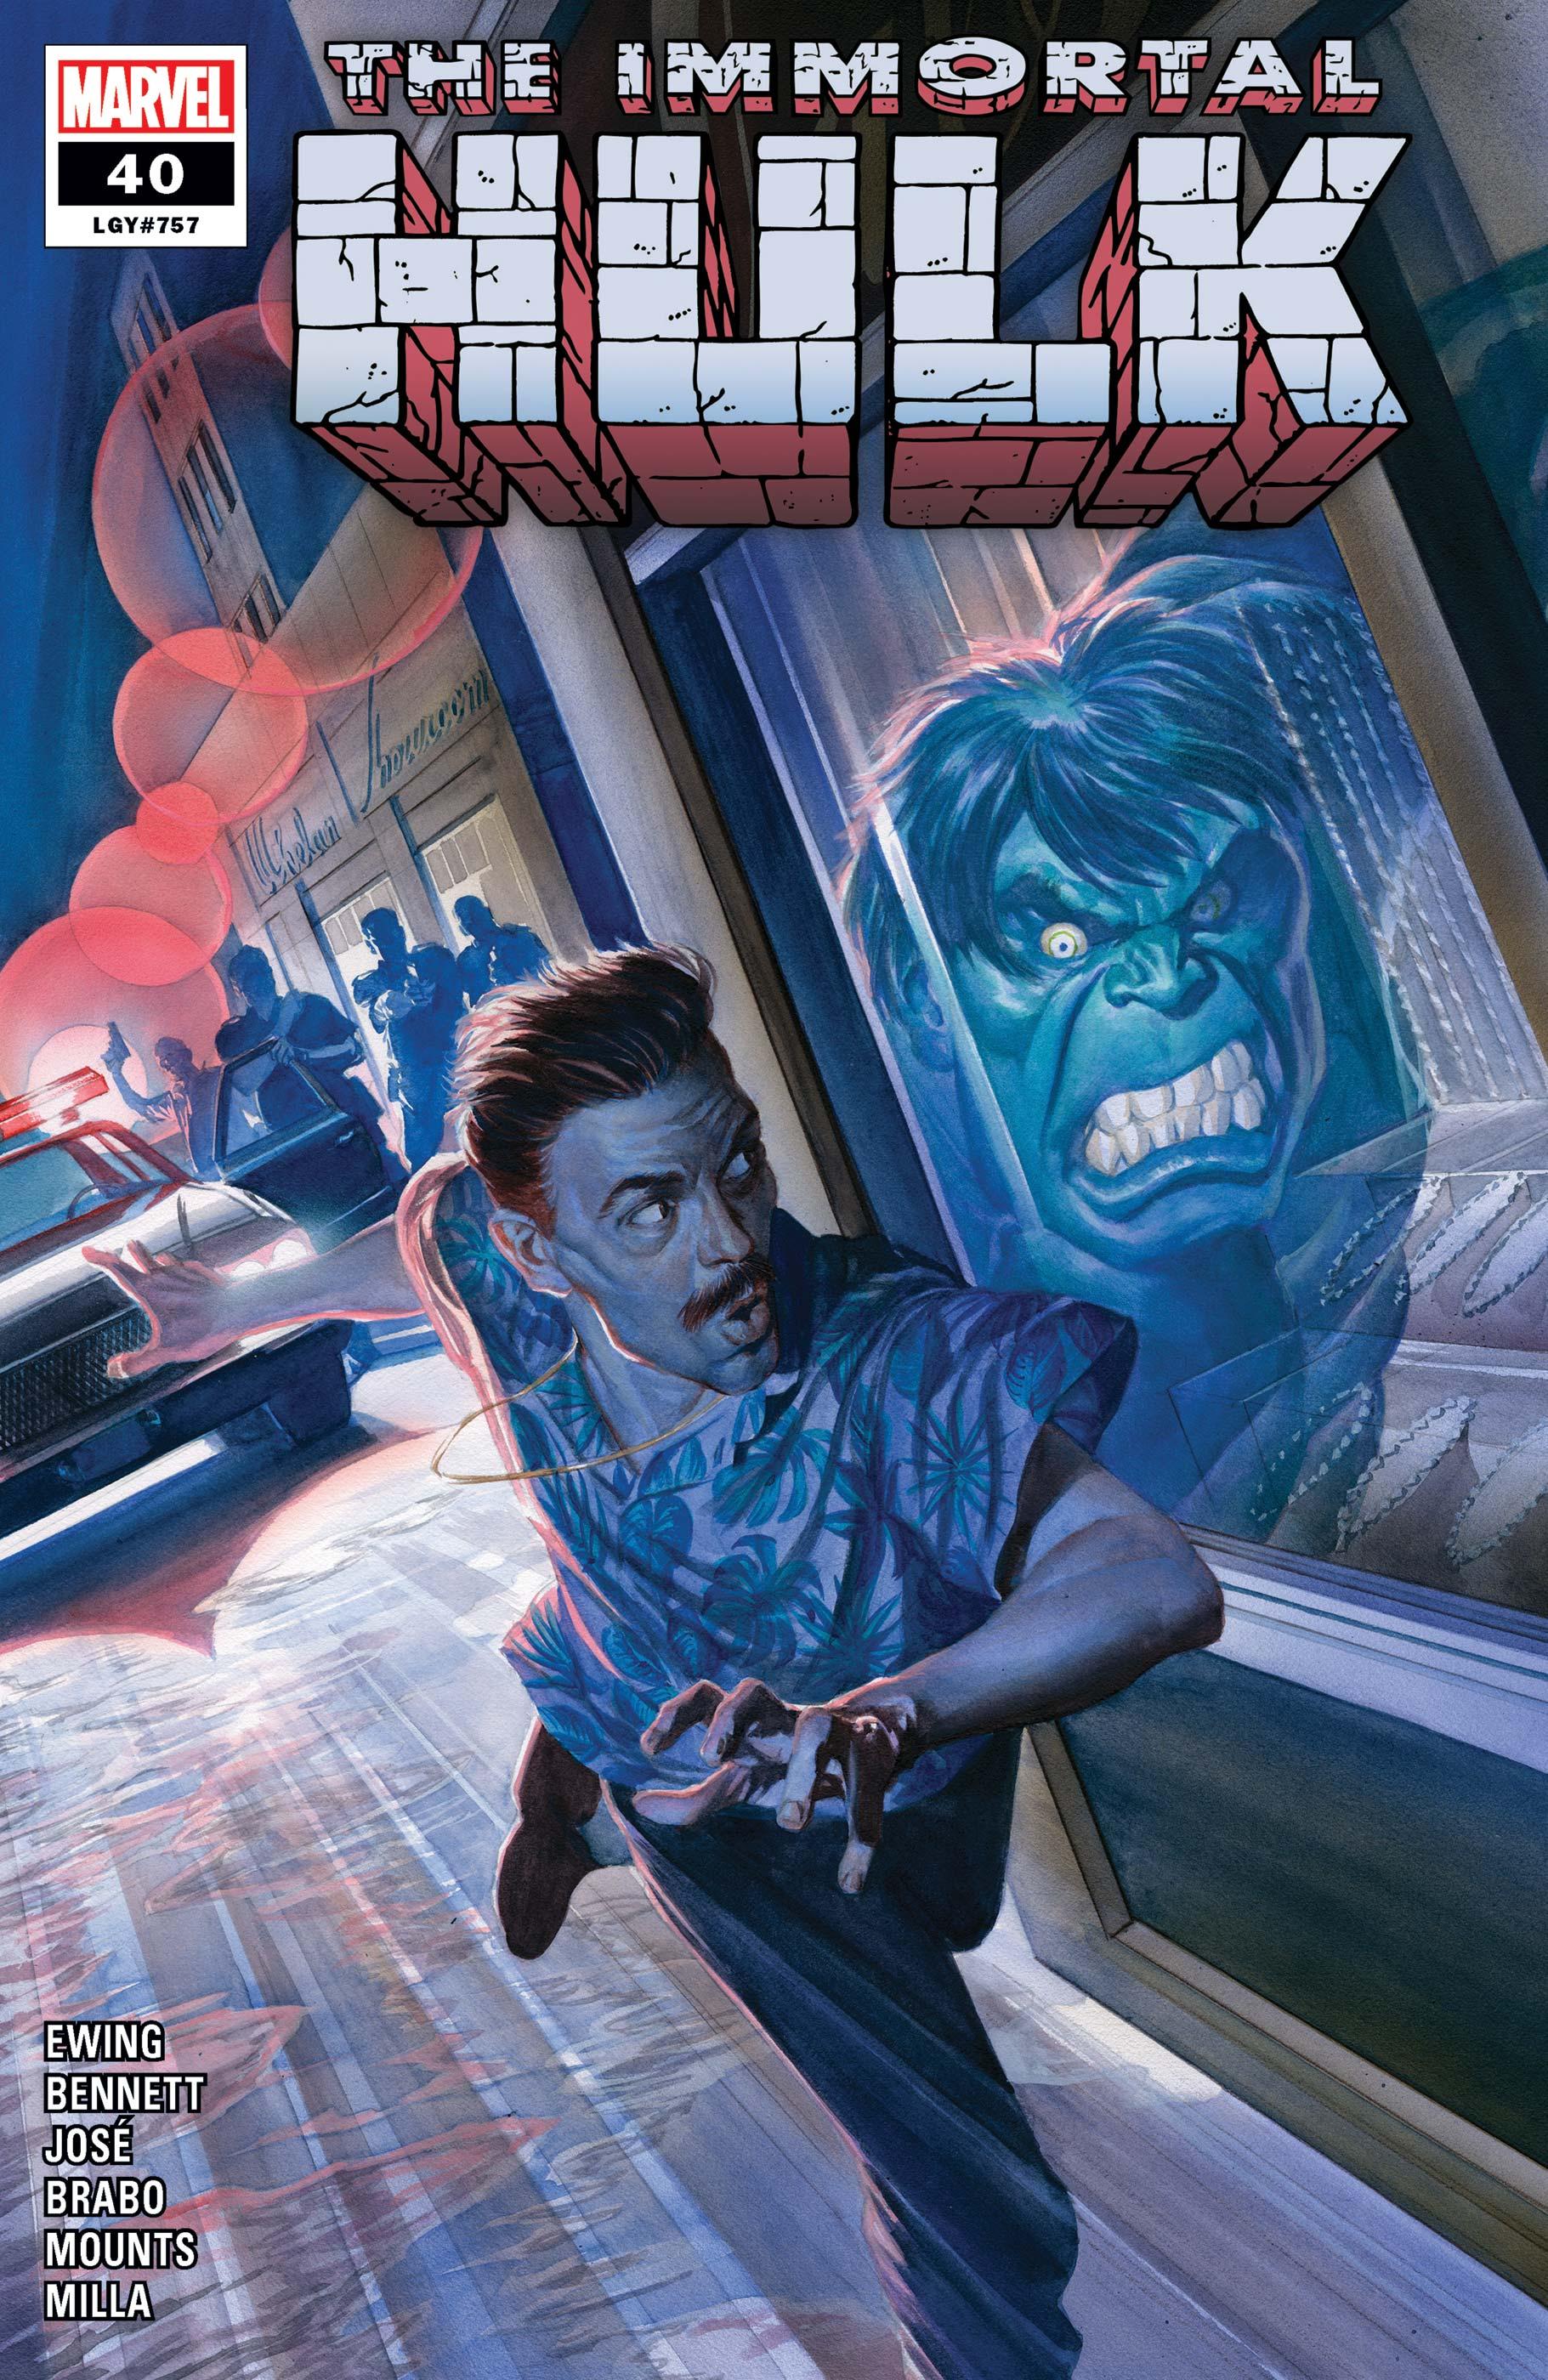 Immortal Hulk (2018) #40